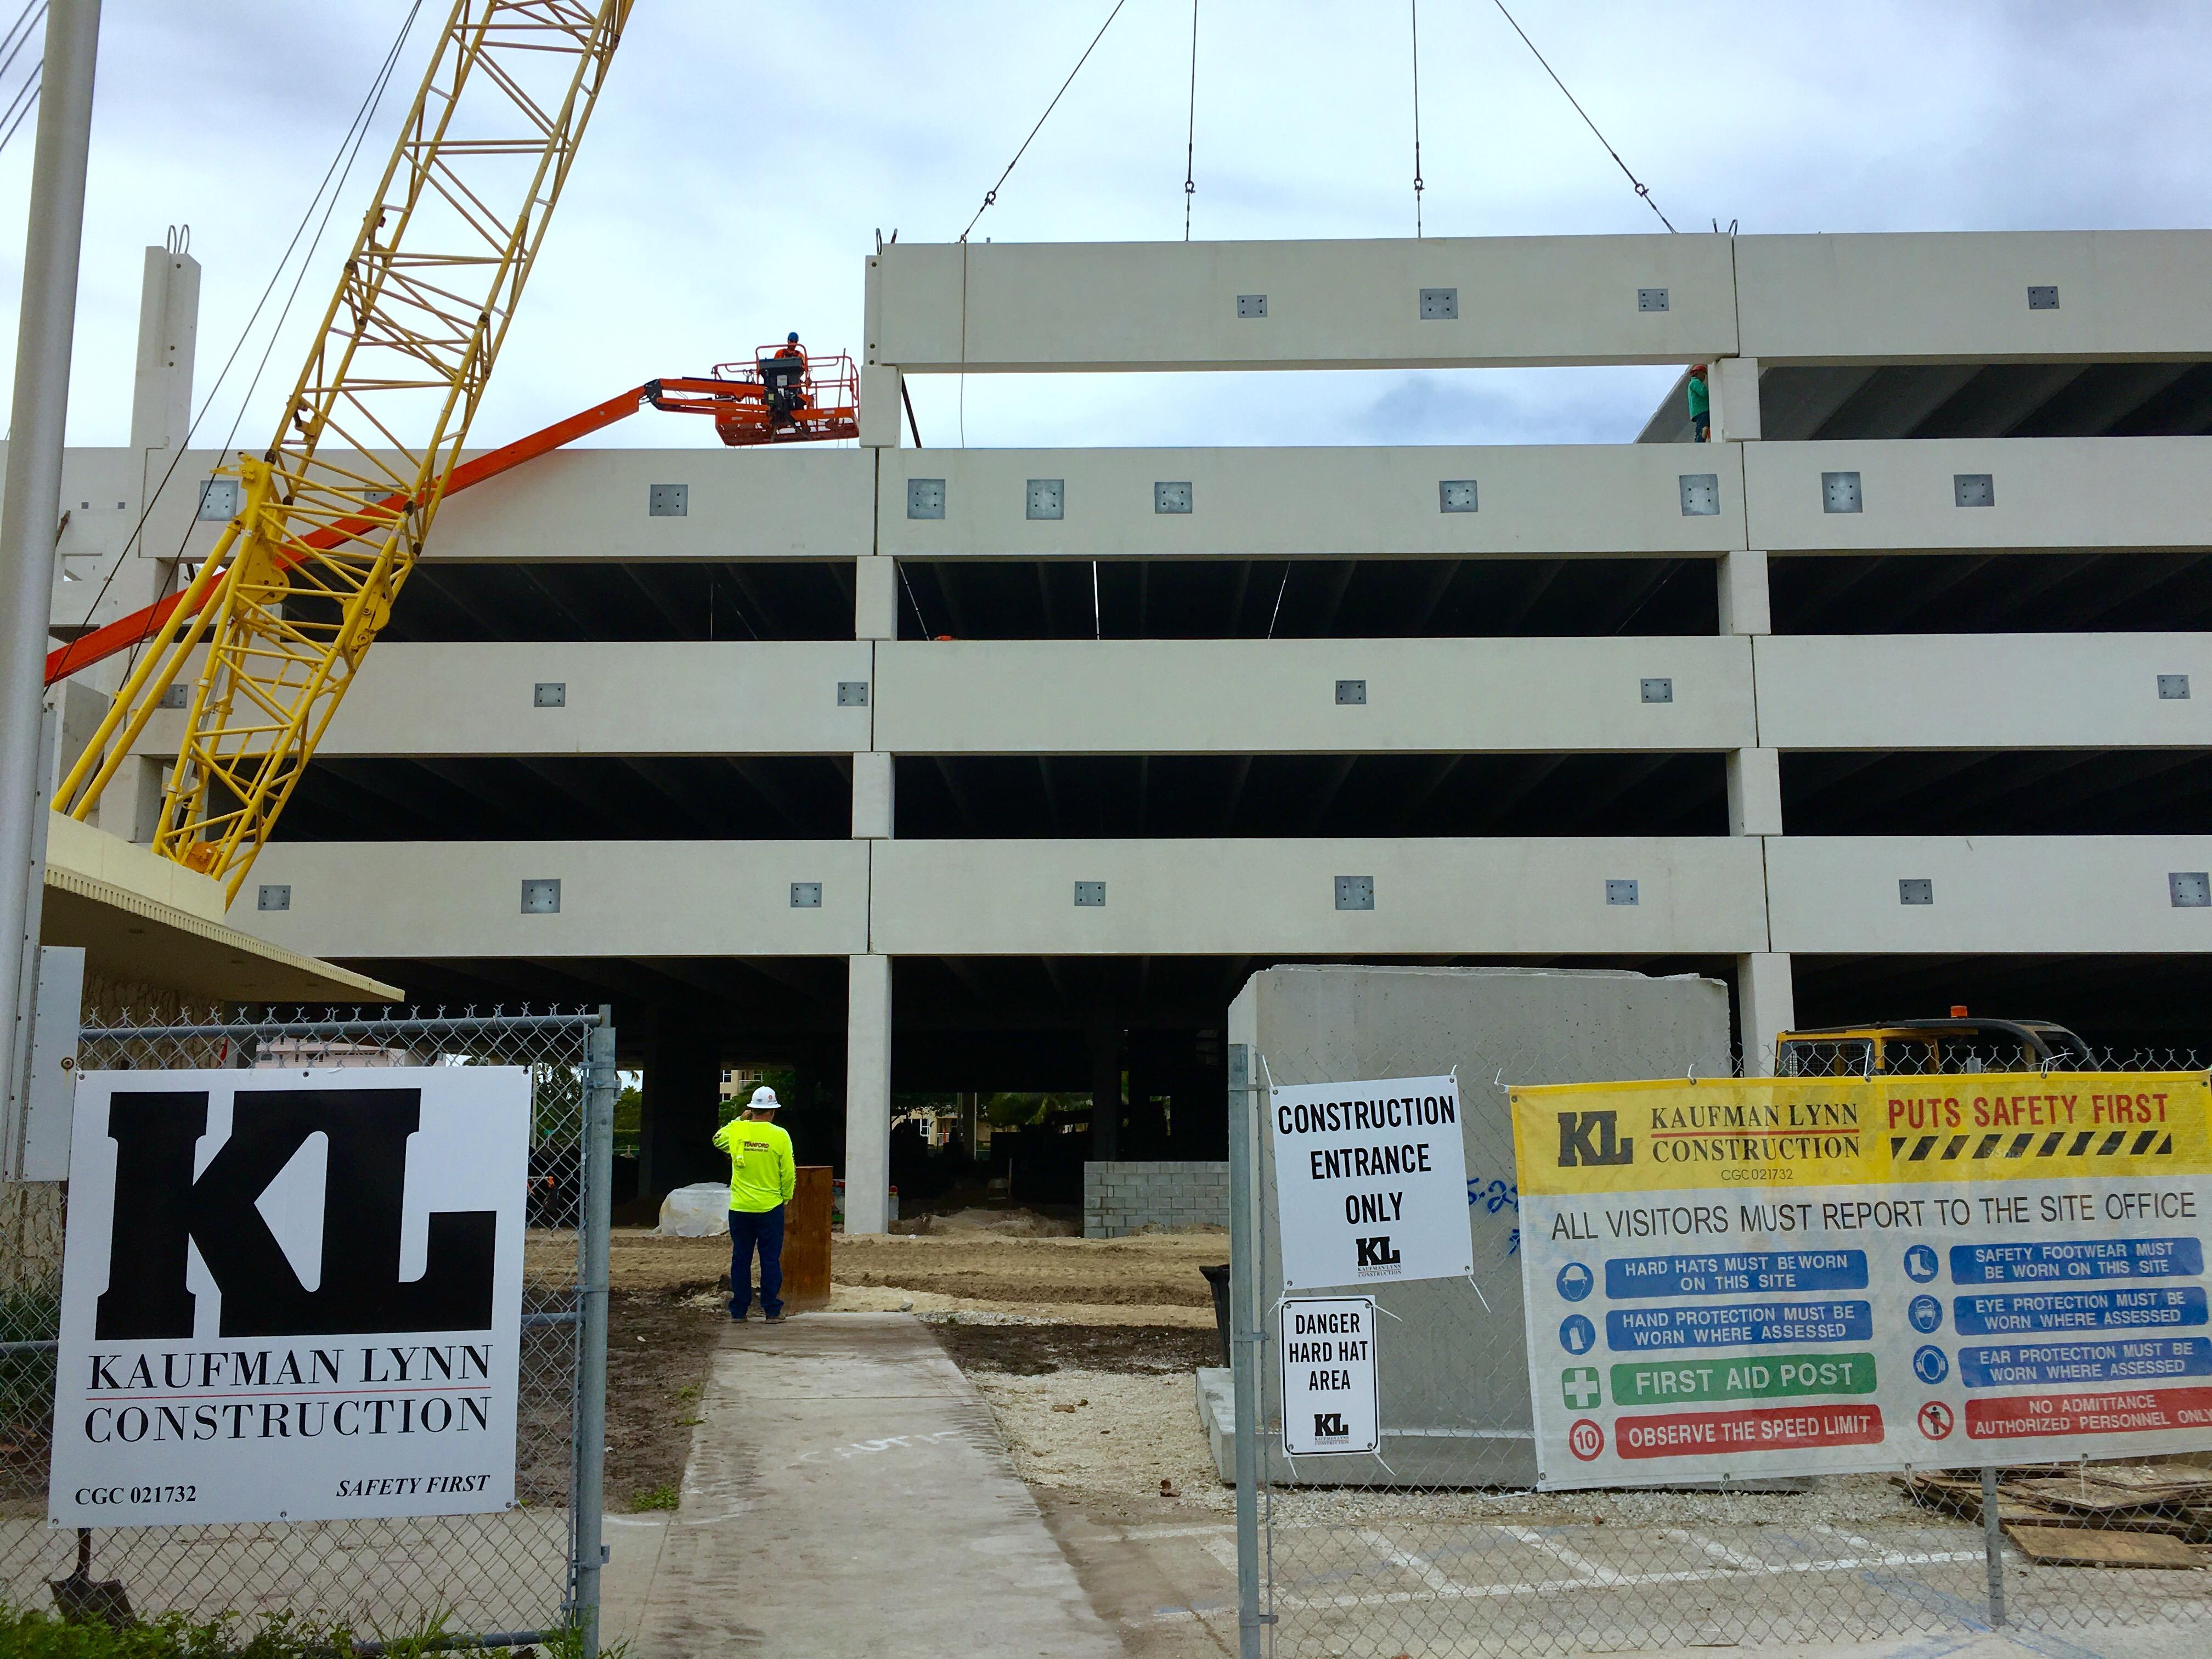 Pompano Beach Pier Parking Garage Tops Out Kaufman Lynn Construction